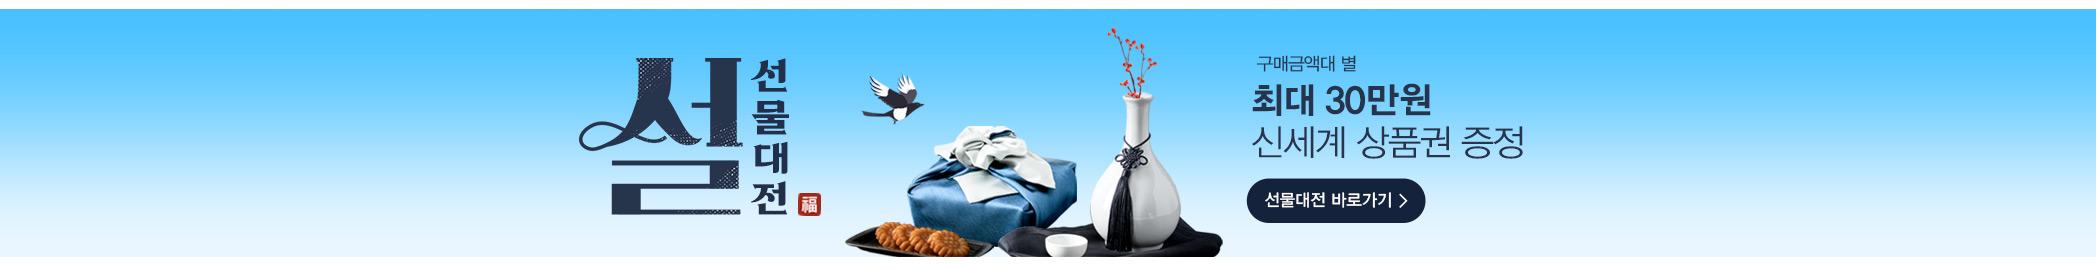 설 선물대전 구매금액대 별 최대 30만원 신세계 상품권 증정